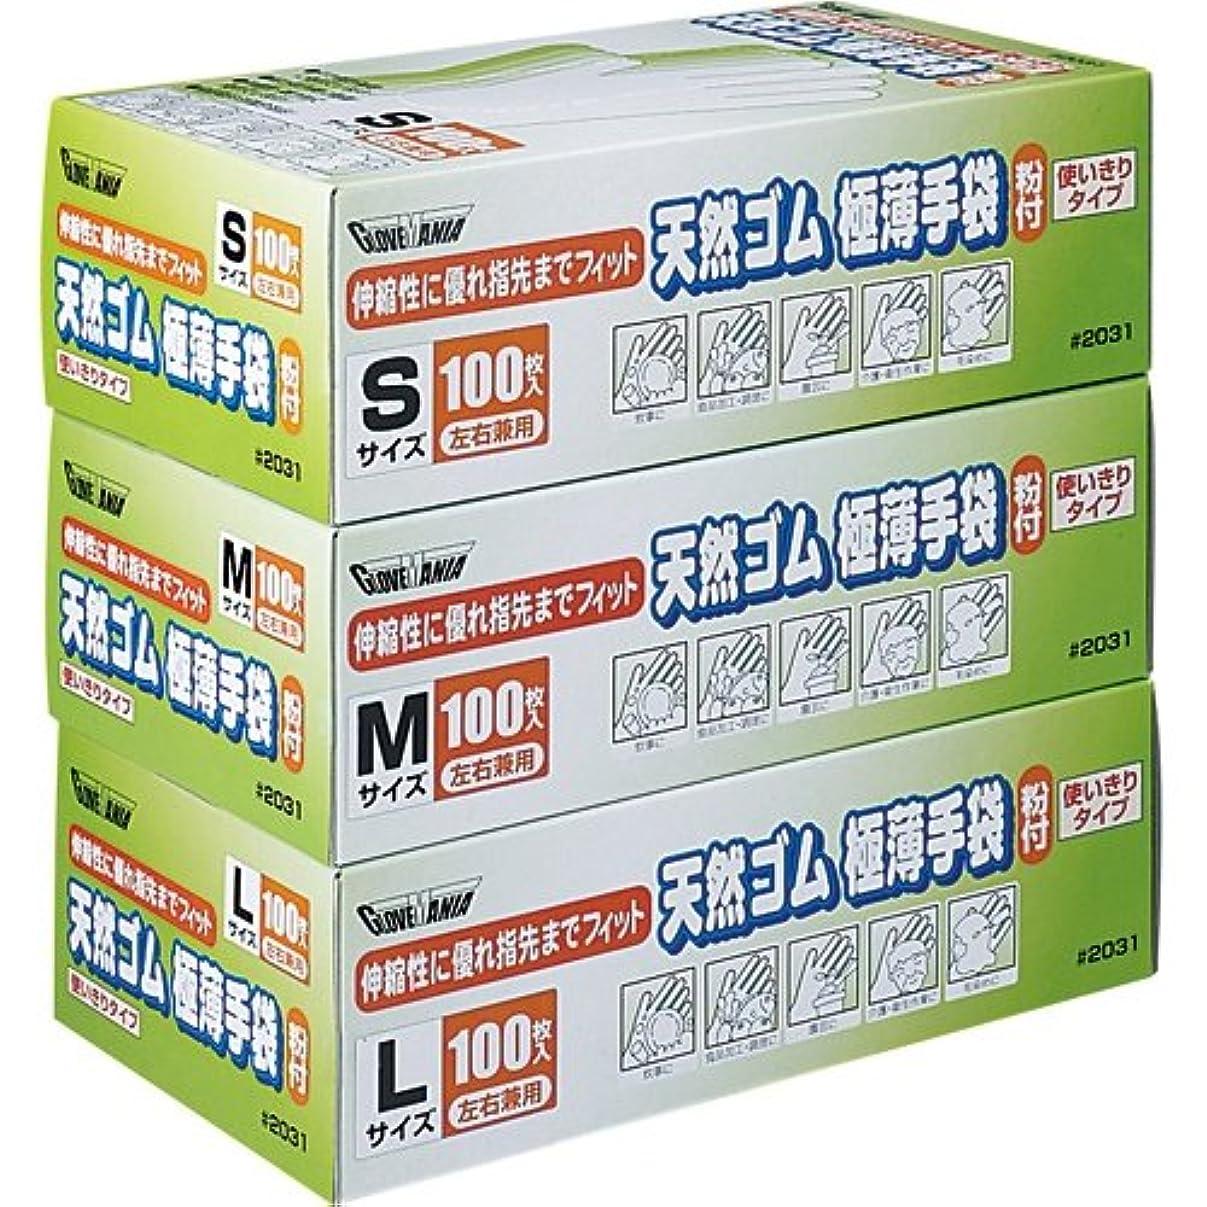 スパイラル落ち着くチェス川西工業 天然ゴム極薄手袋 粉付 M #2031 1セット(1000枚:100枚×10箱)